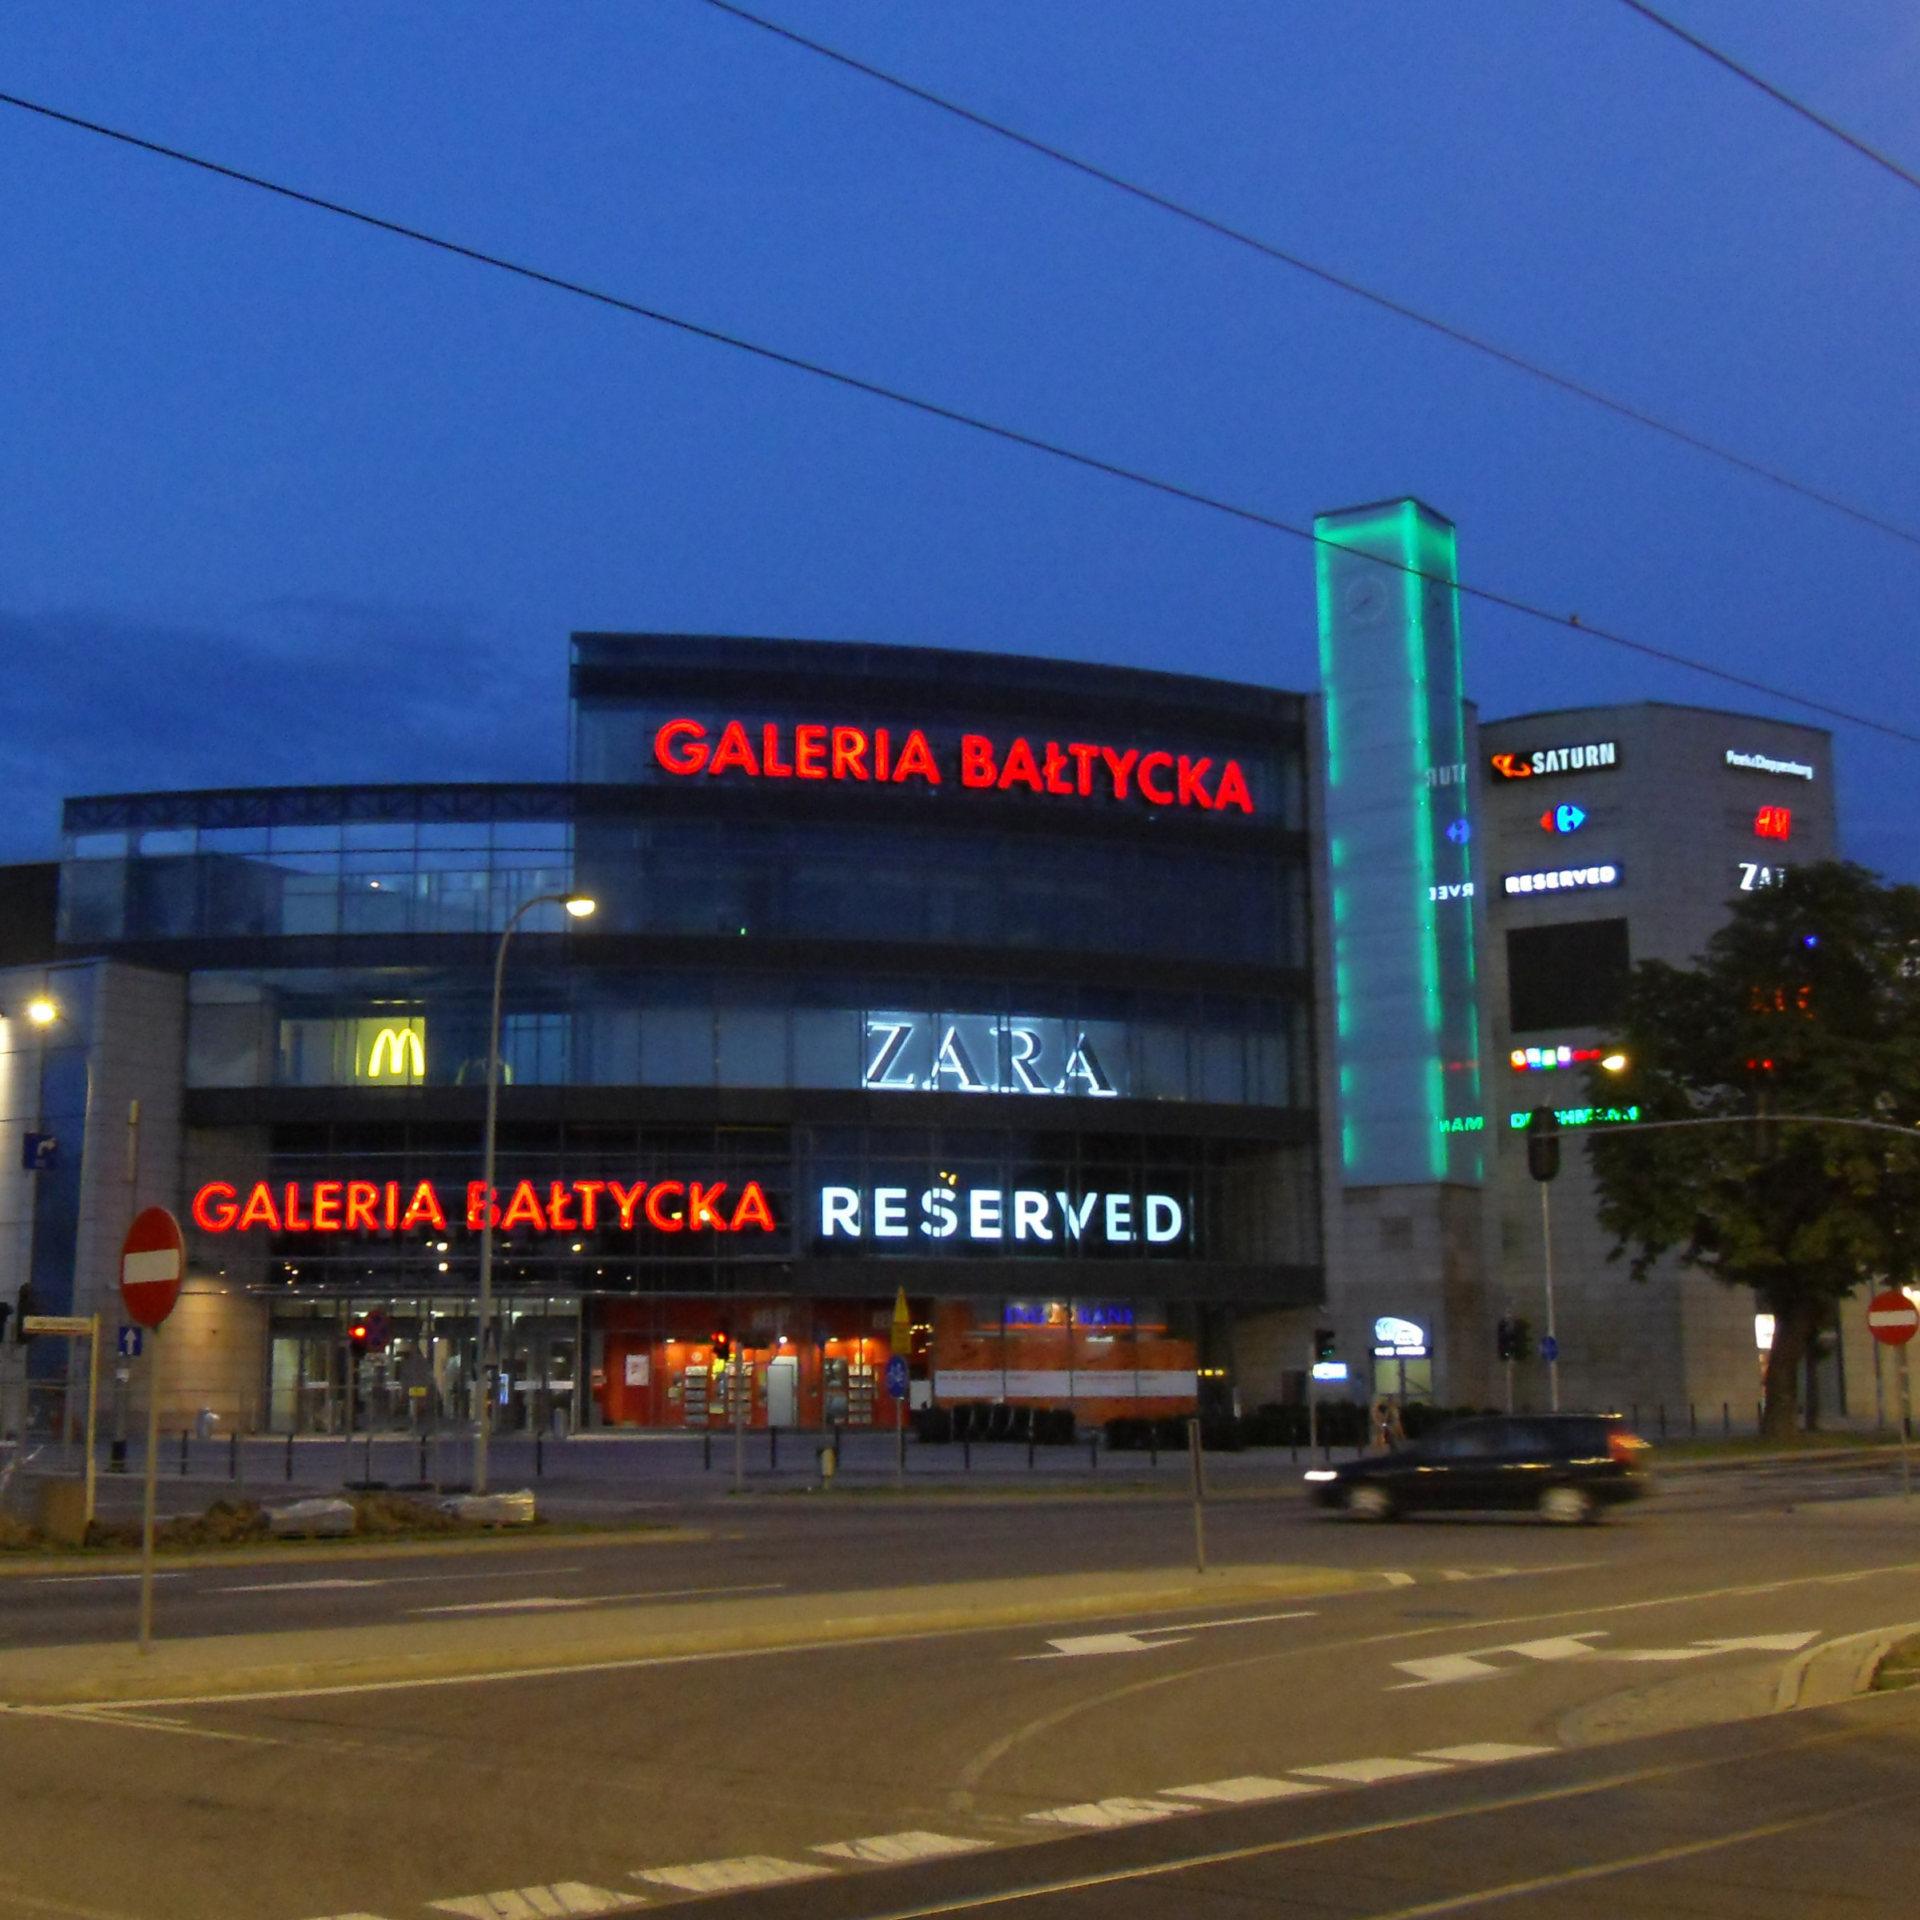 Galeria Bałtycka.